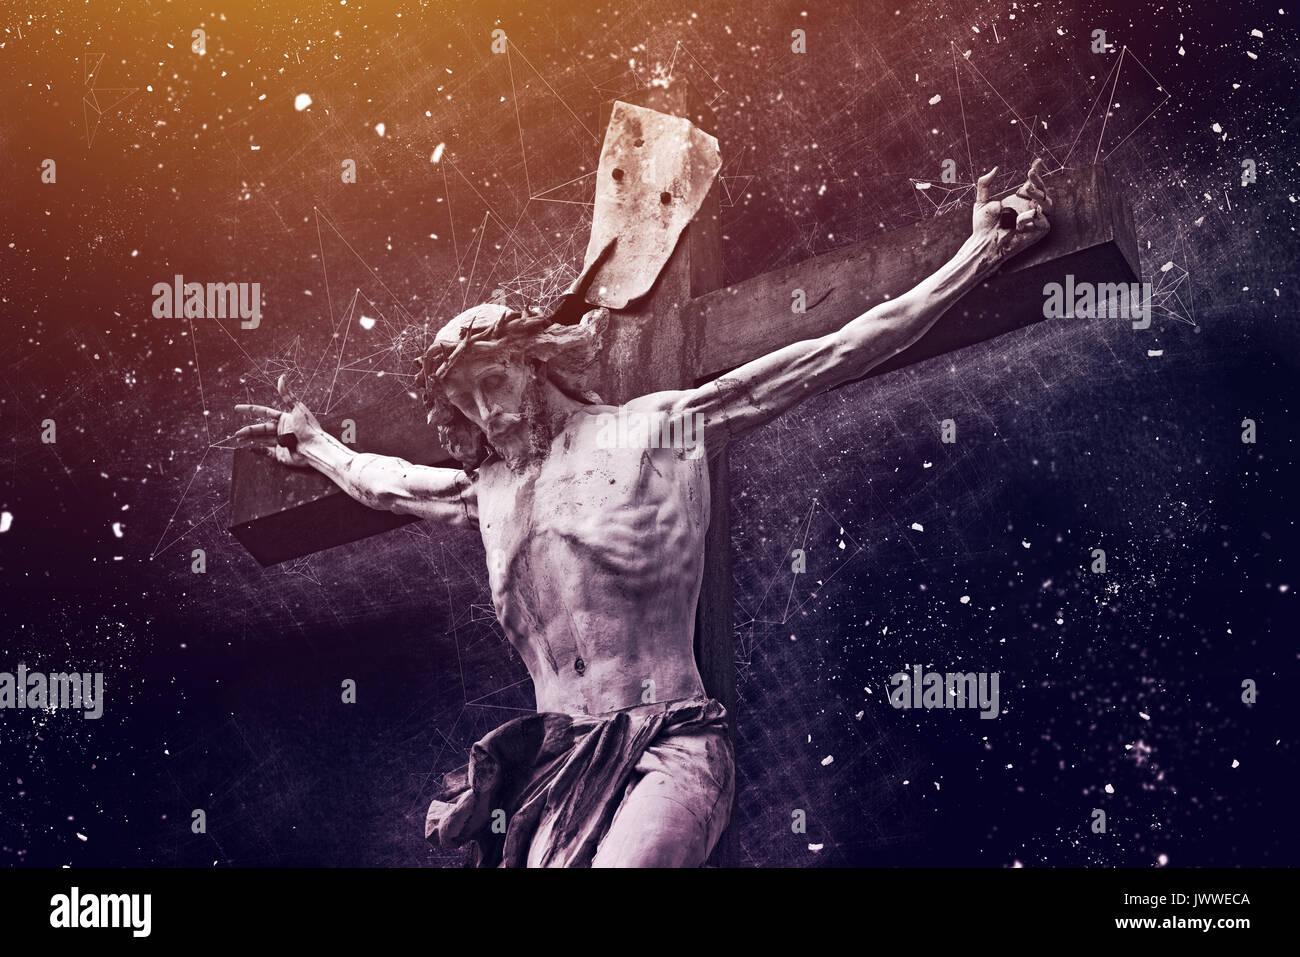 Una croce cristiana con Gesù Cristo statua, mixed media concezione religiosa Immagini Stock